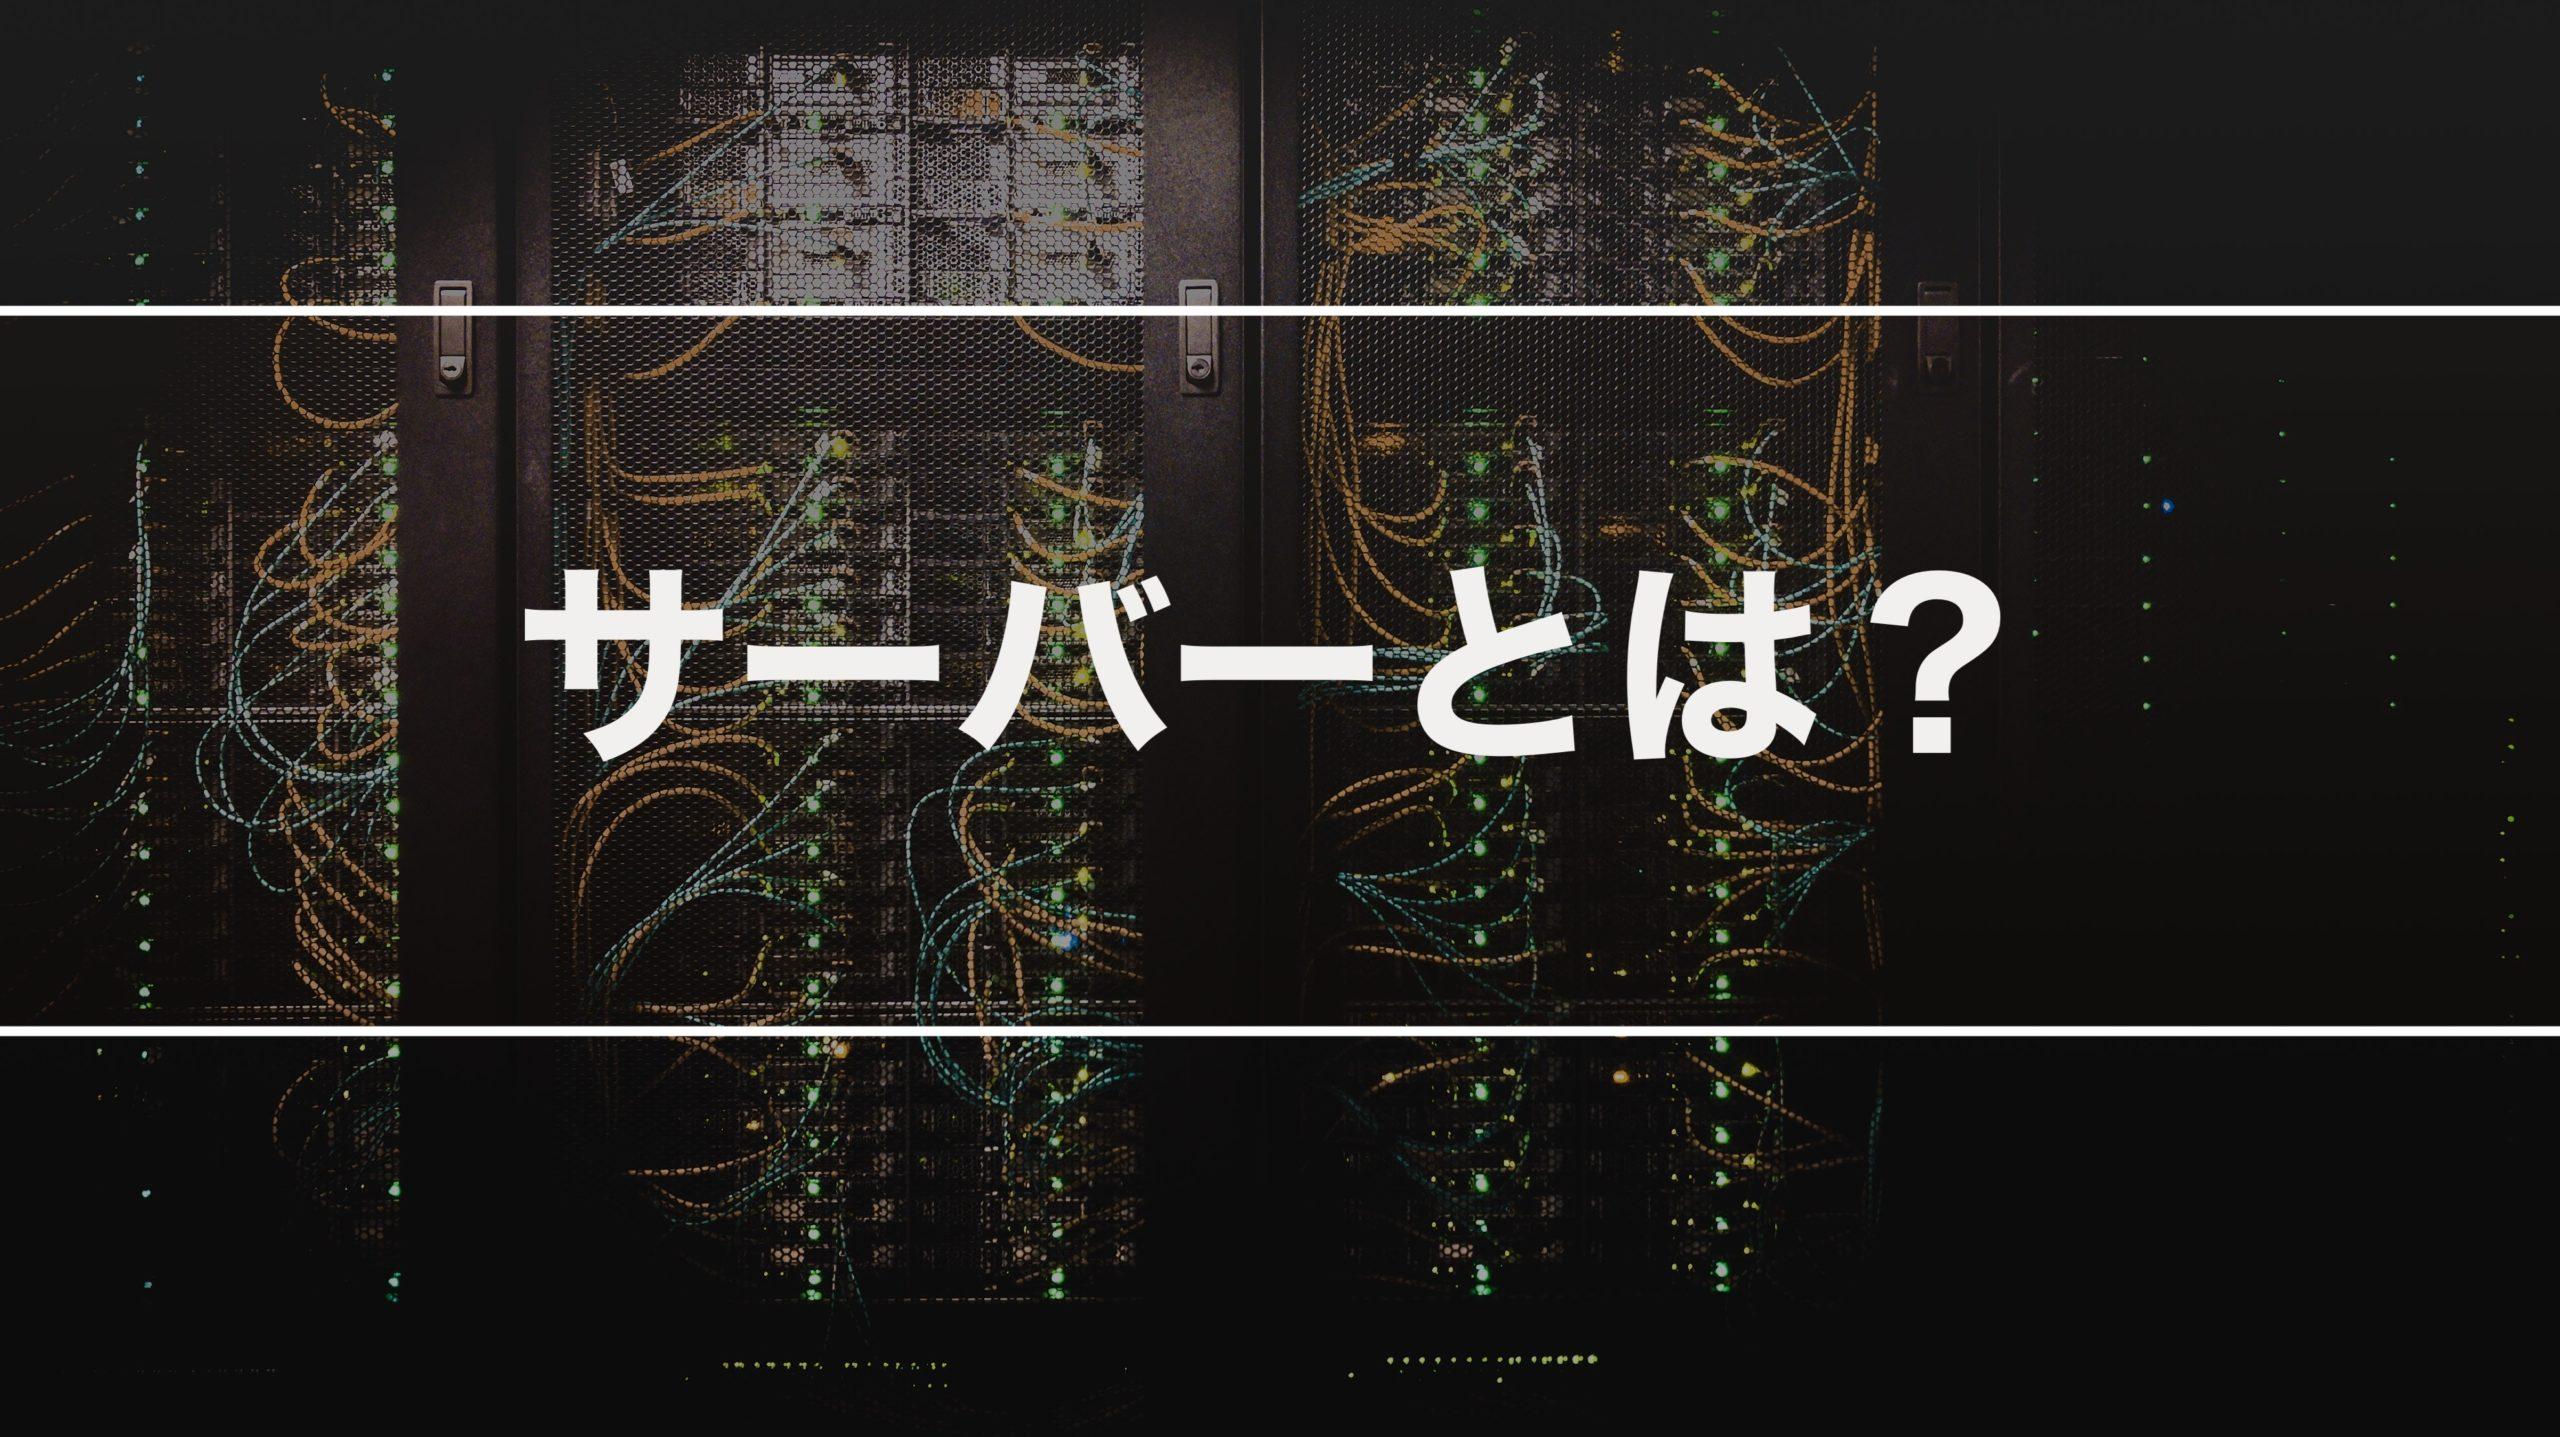 サーバーとは?|基礎知識と種類を簡単に解説します。